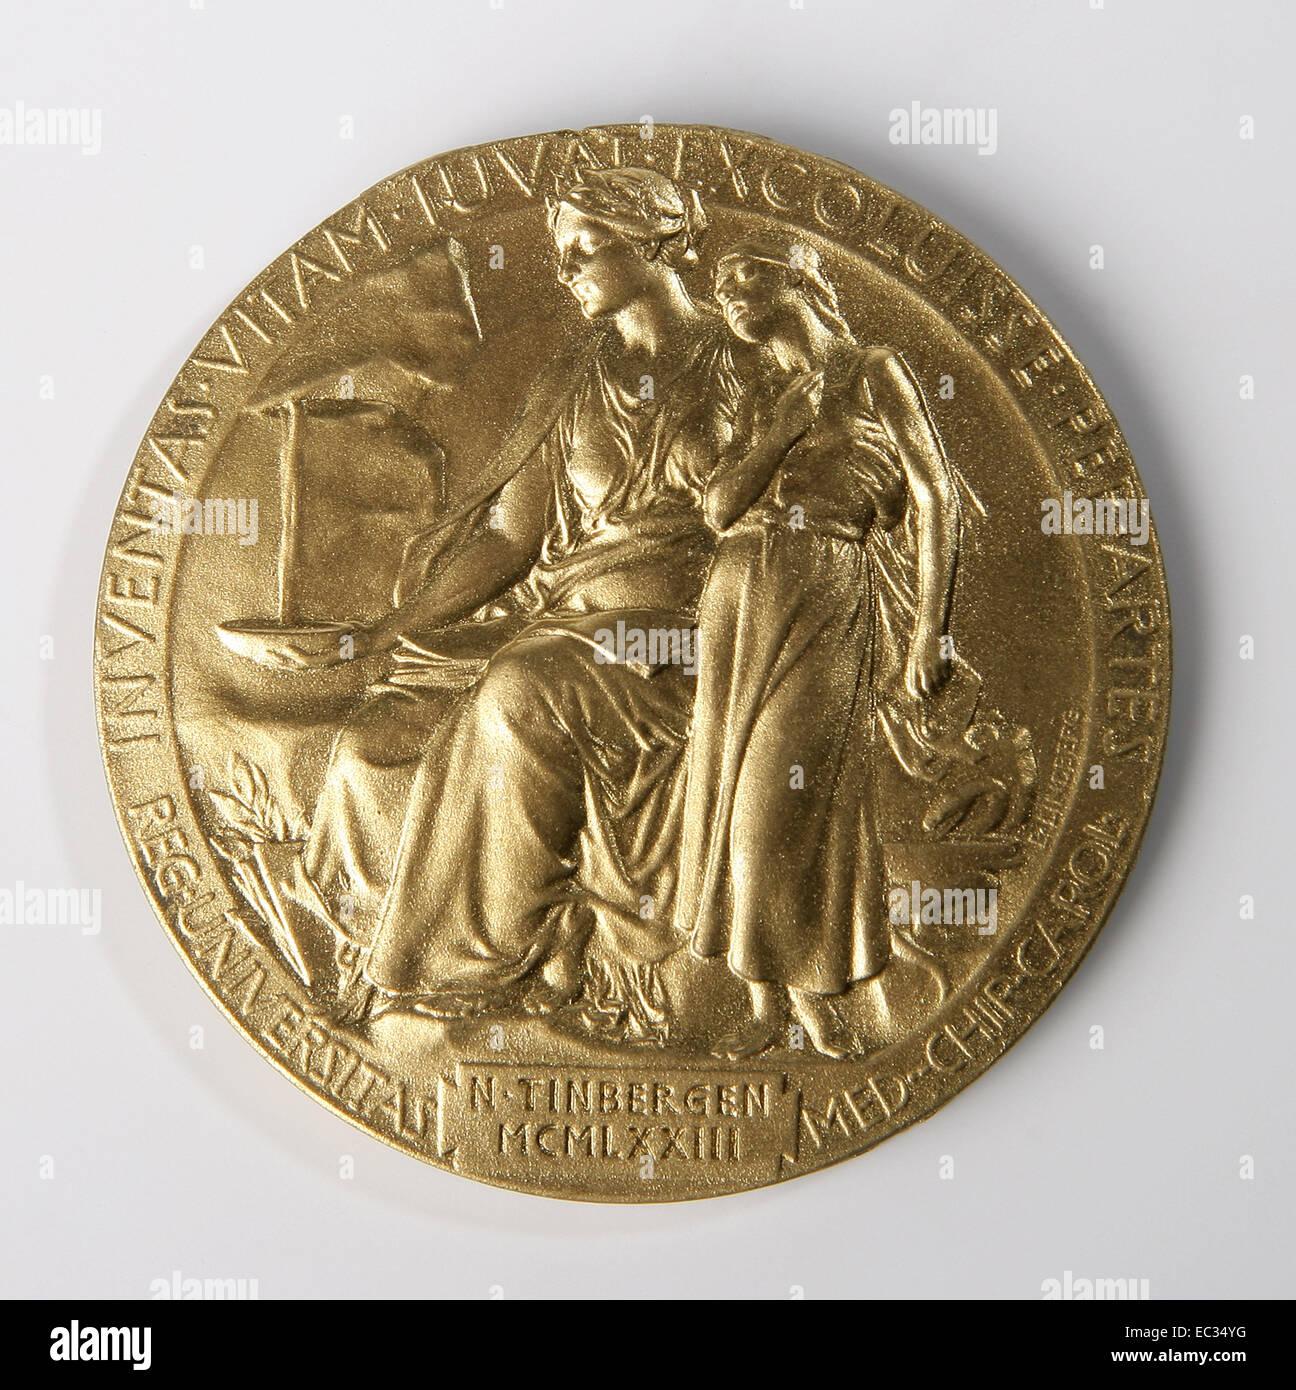 Nobel prize,Nobel,Prize,Medal,Alfred,Gold,Science,Niko Tinbergen,back,Ethologist. - Stock Image